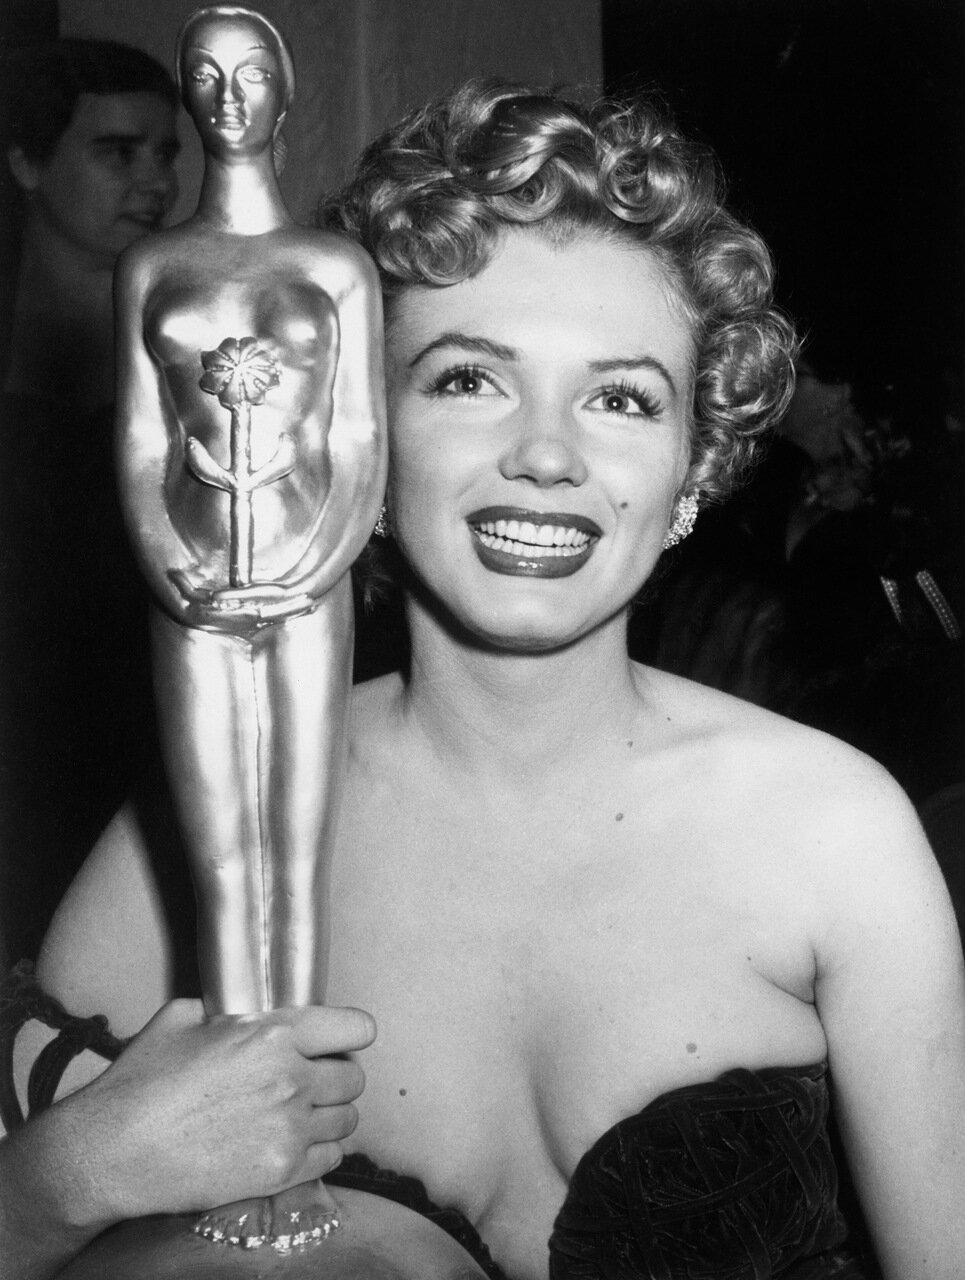 AFRTWF MARILYN MONROE Golden Globe Awards 1953